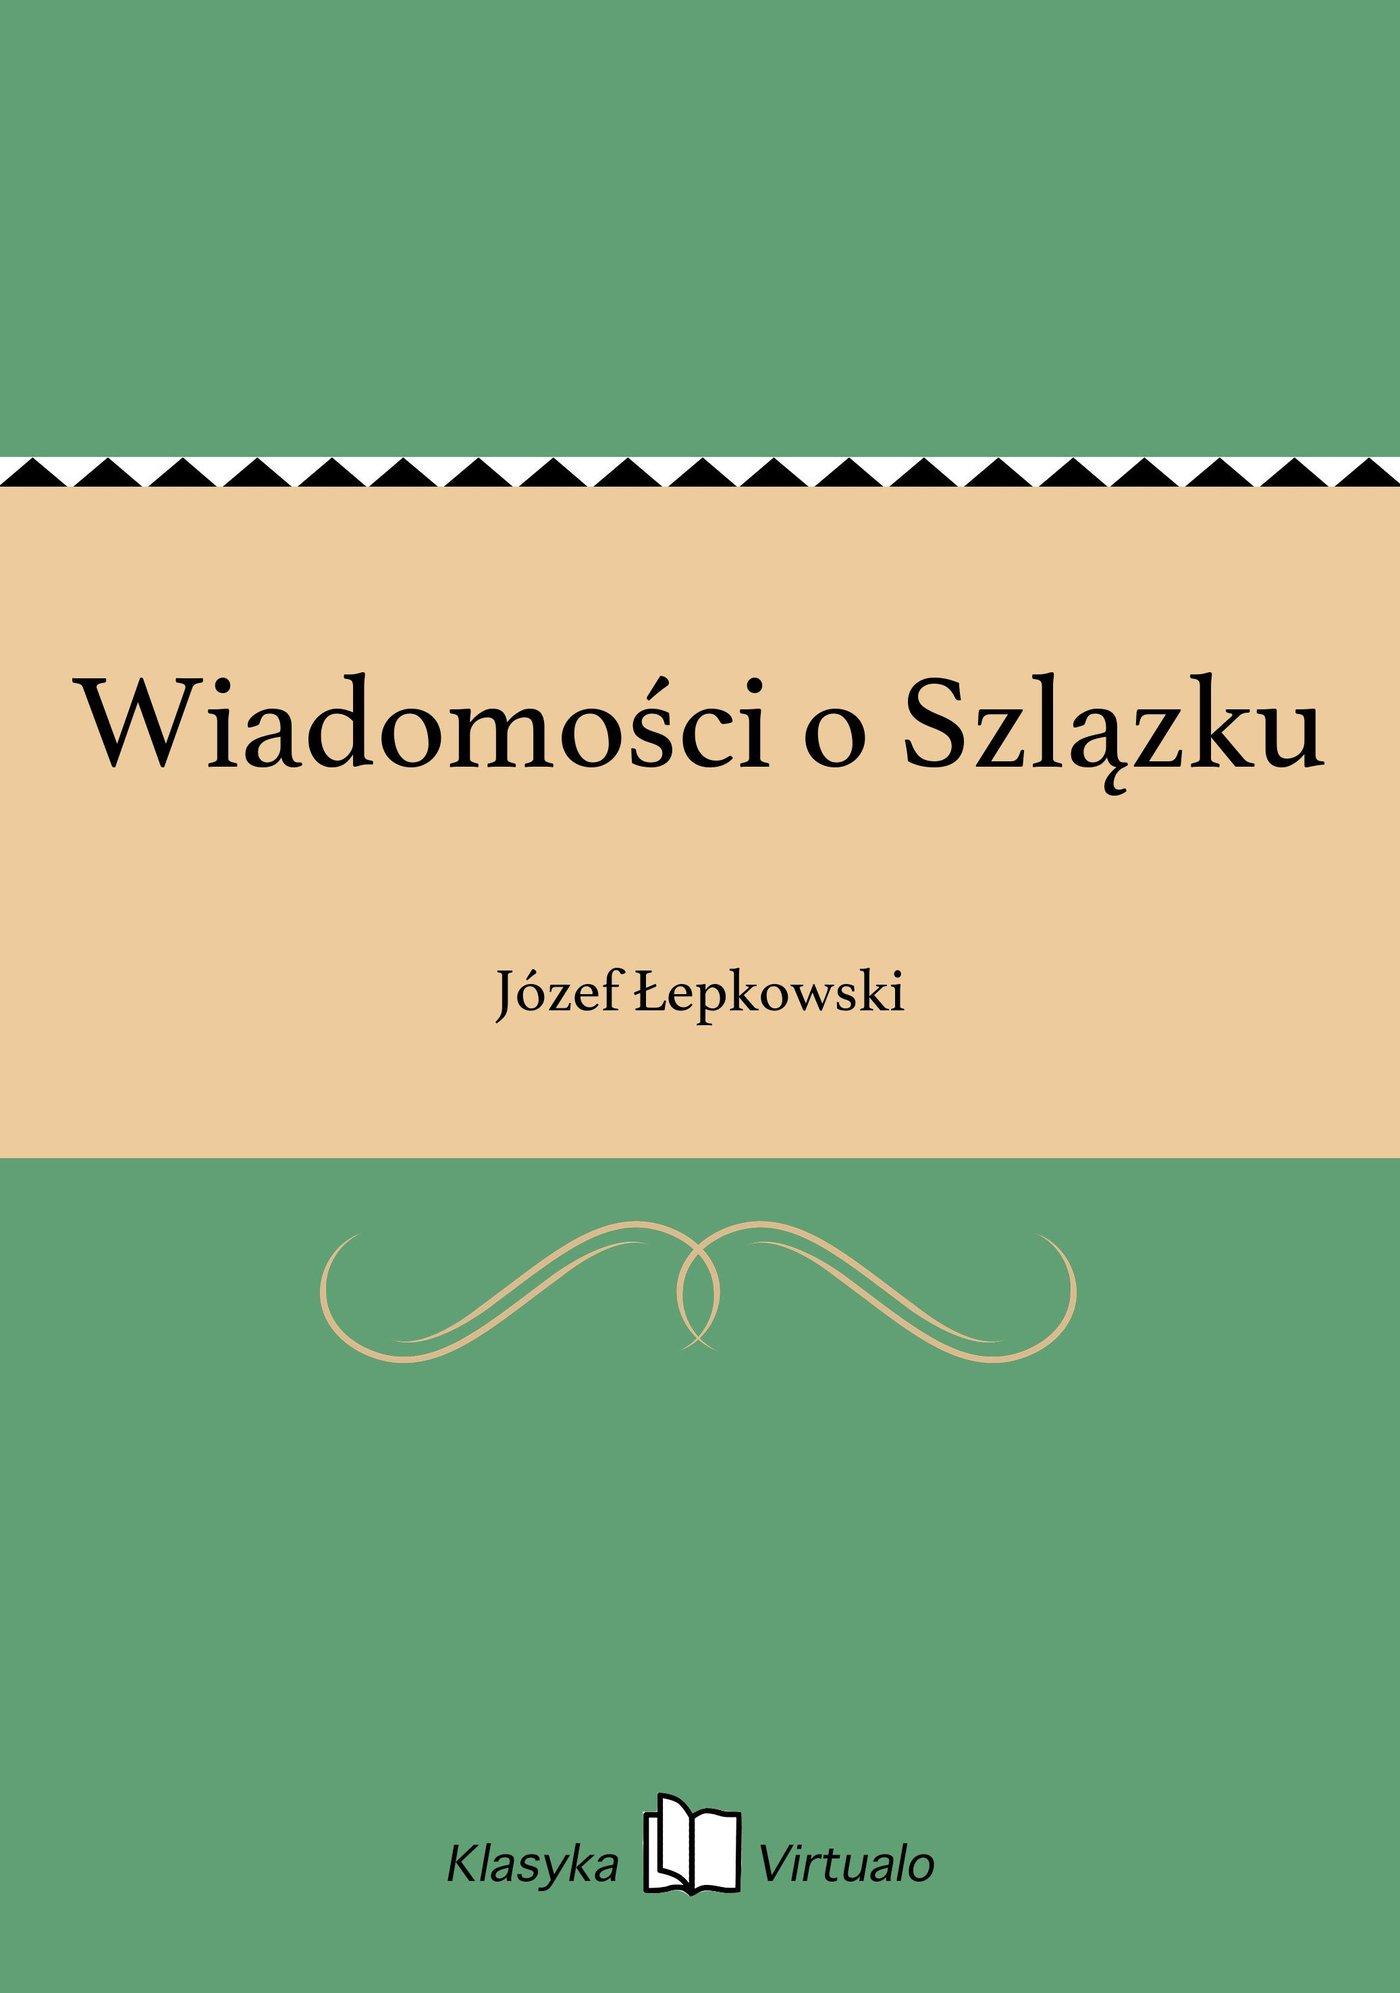 Wiadomości o Szlązku - Ebook (Książka na Kindle) do pobrania w formacie MOBI